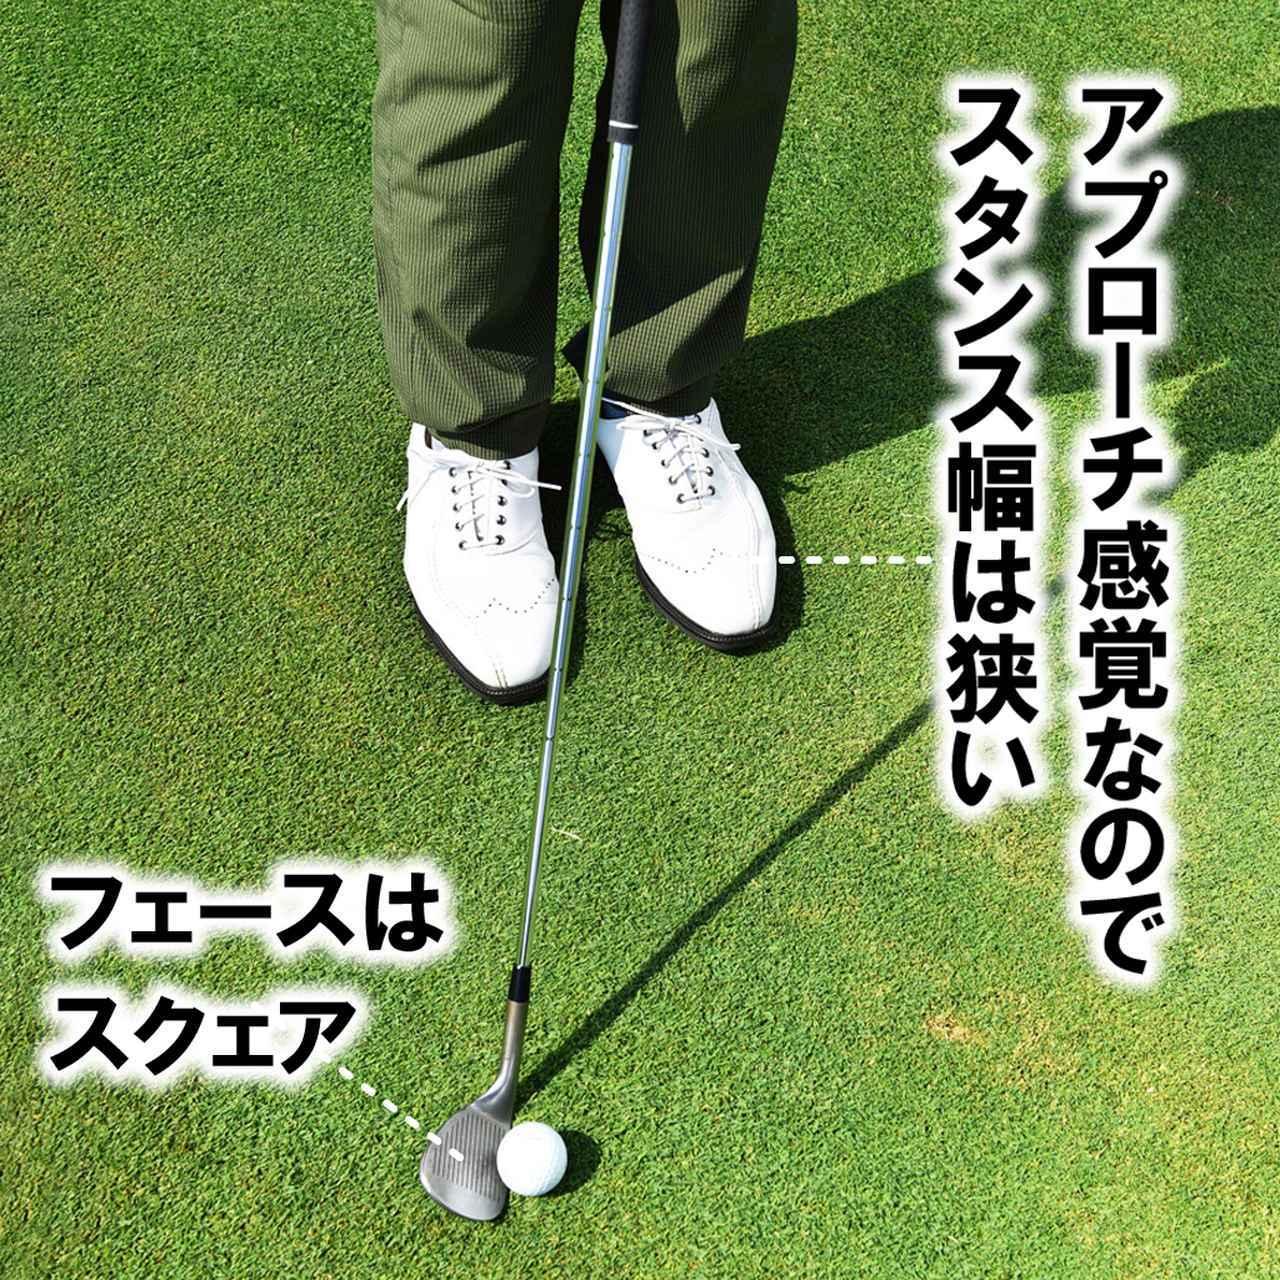 画像: 50Yは球を高く上げようとしない。上げるほど距離を合わせにくい